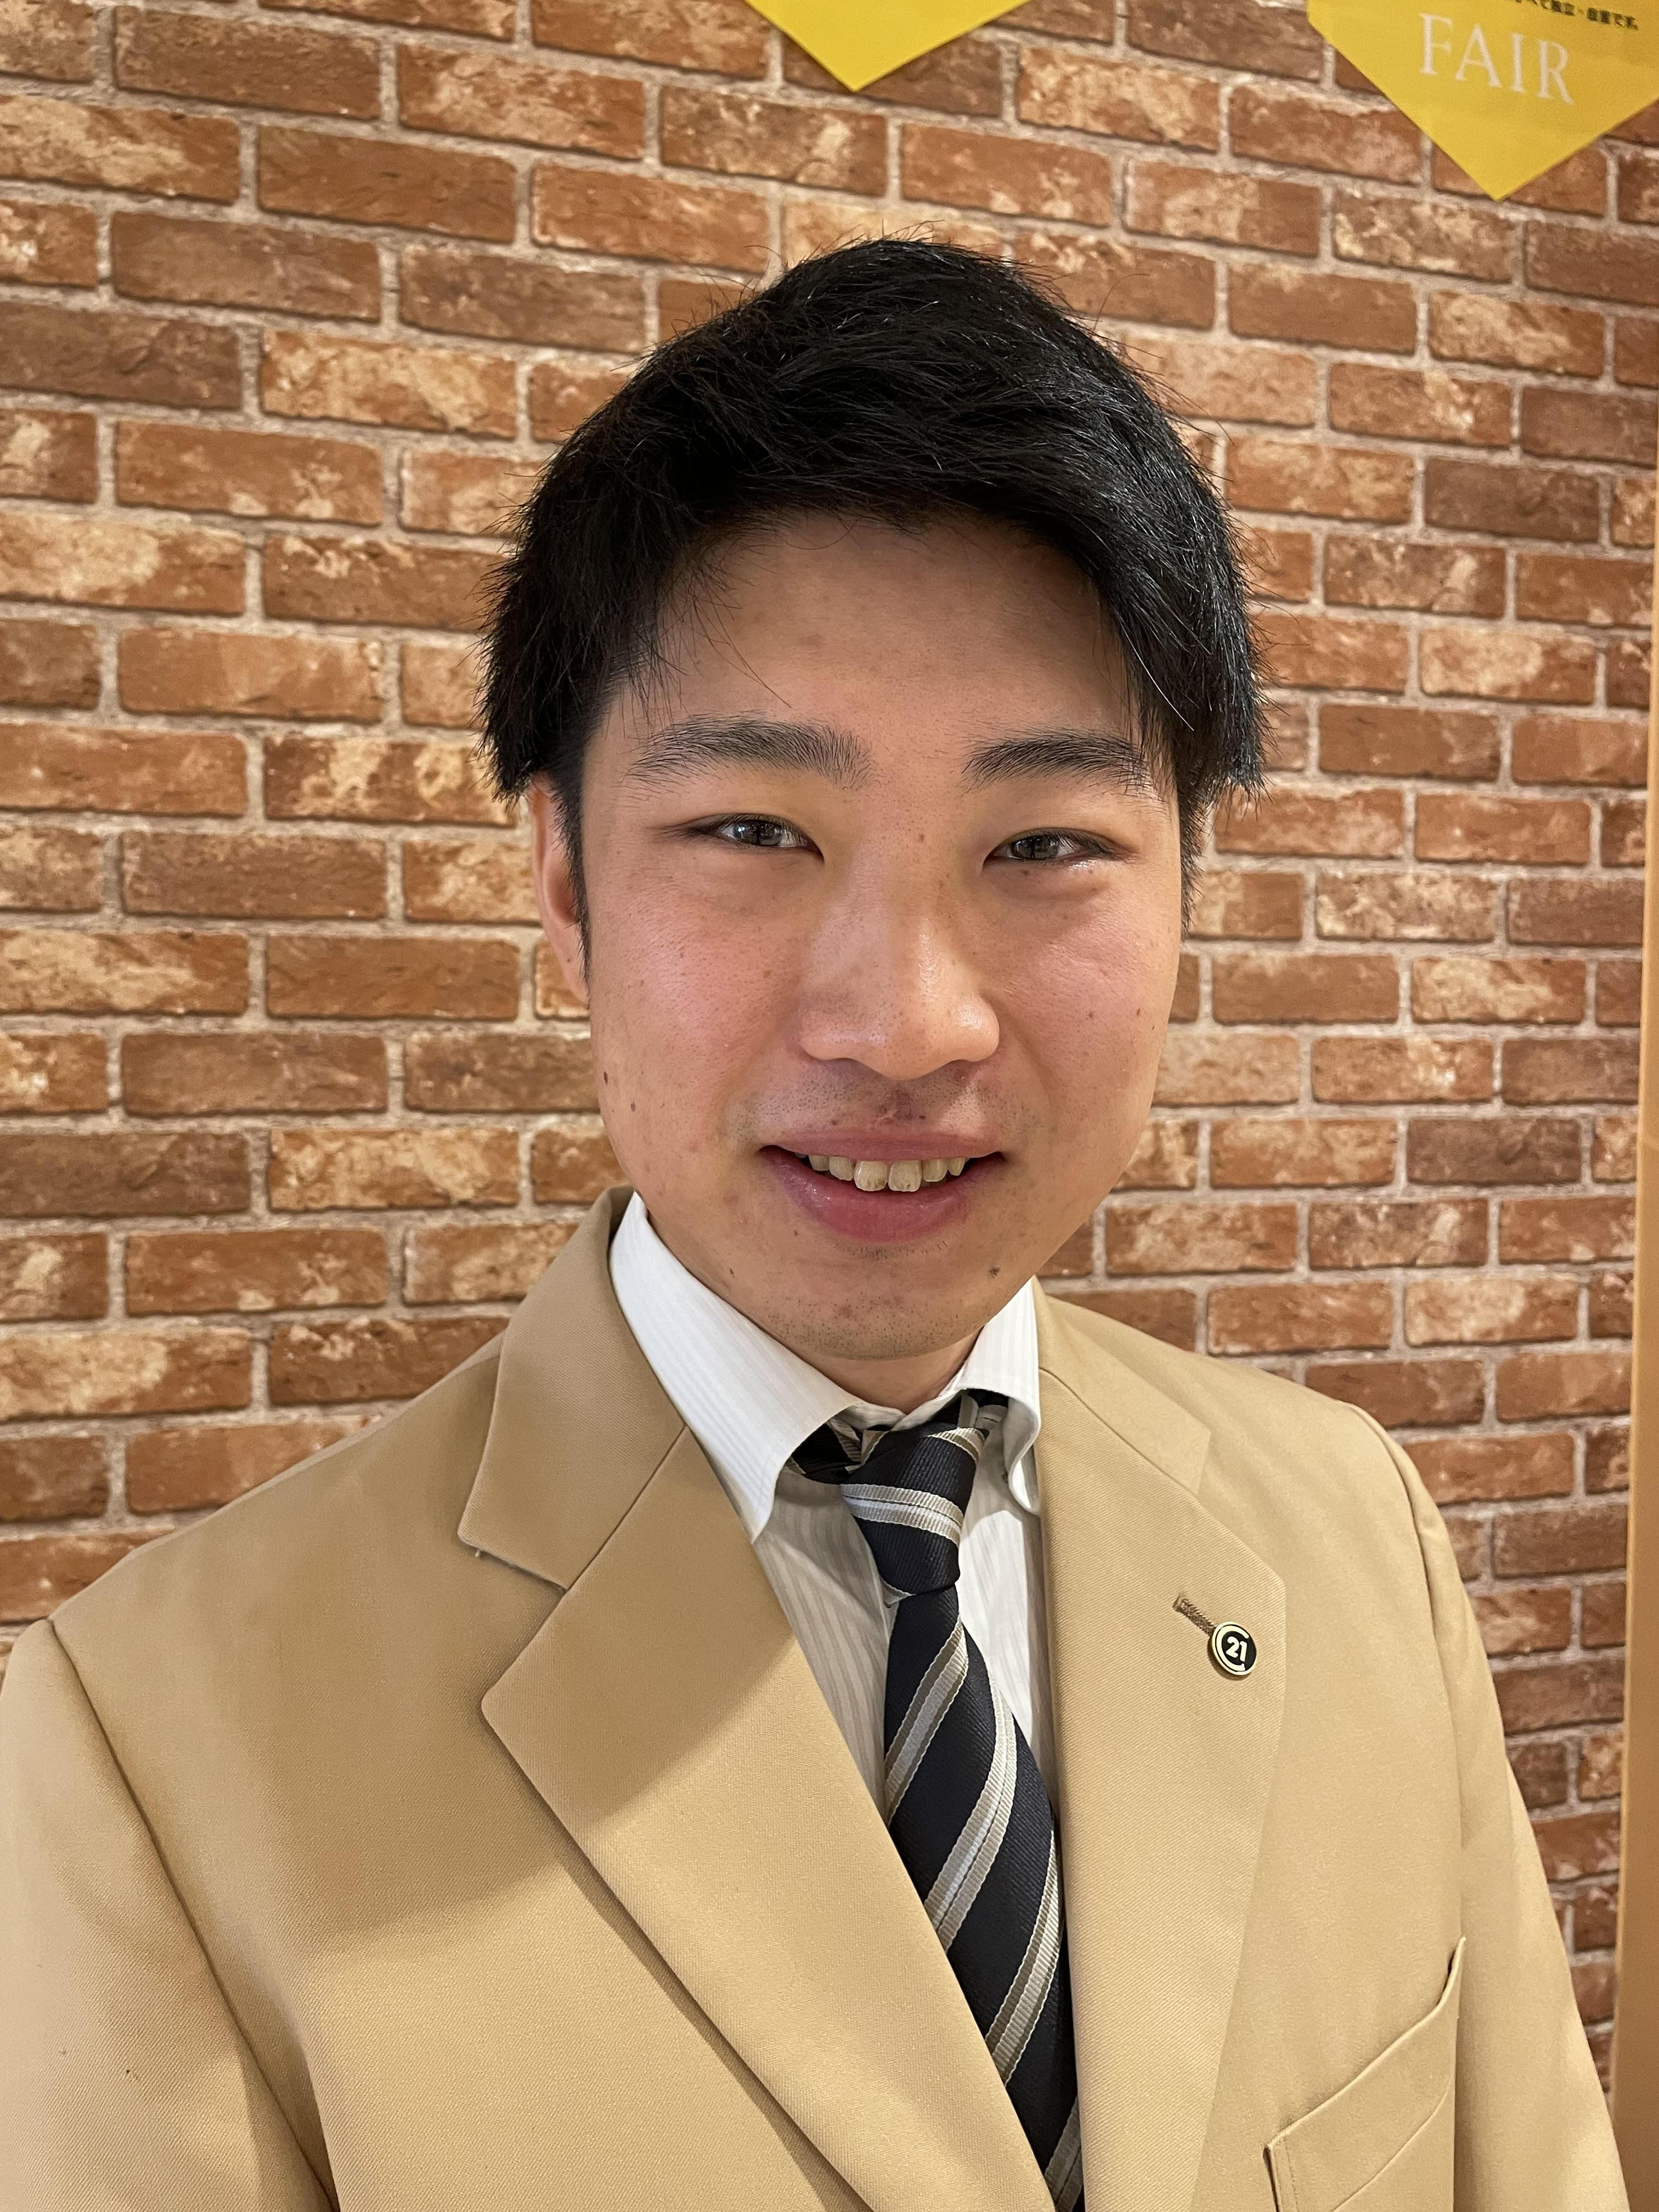 センチュリー21関西不動産情報センター林田 陽介の写真